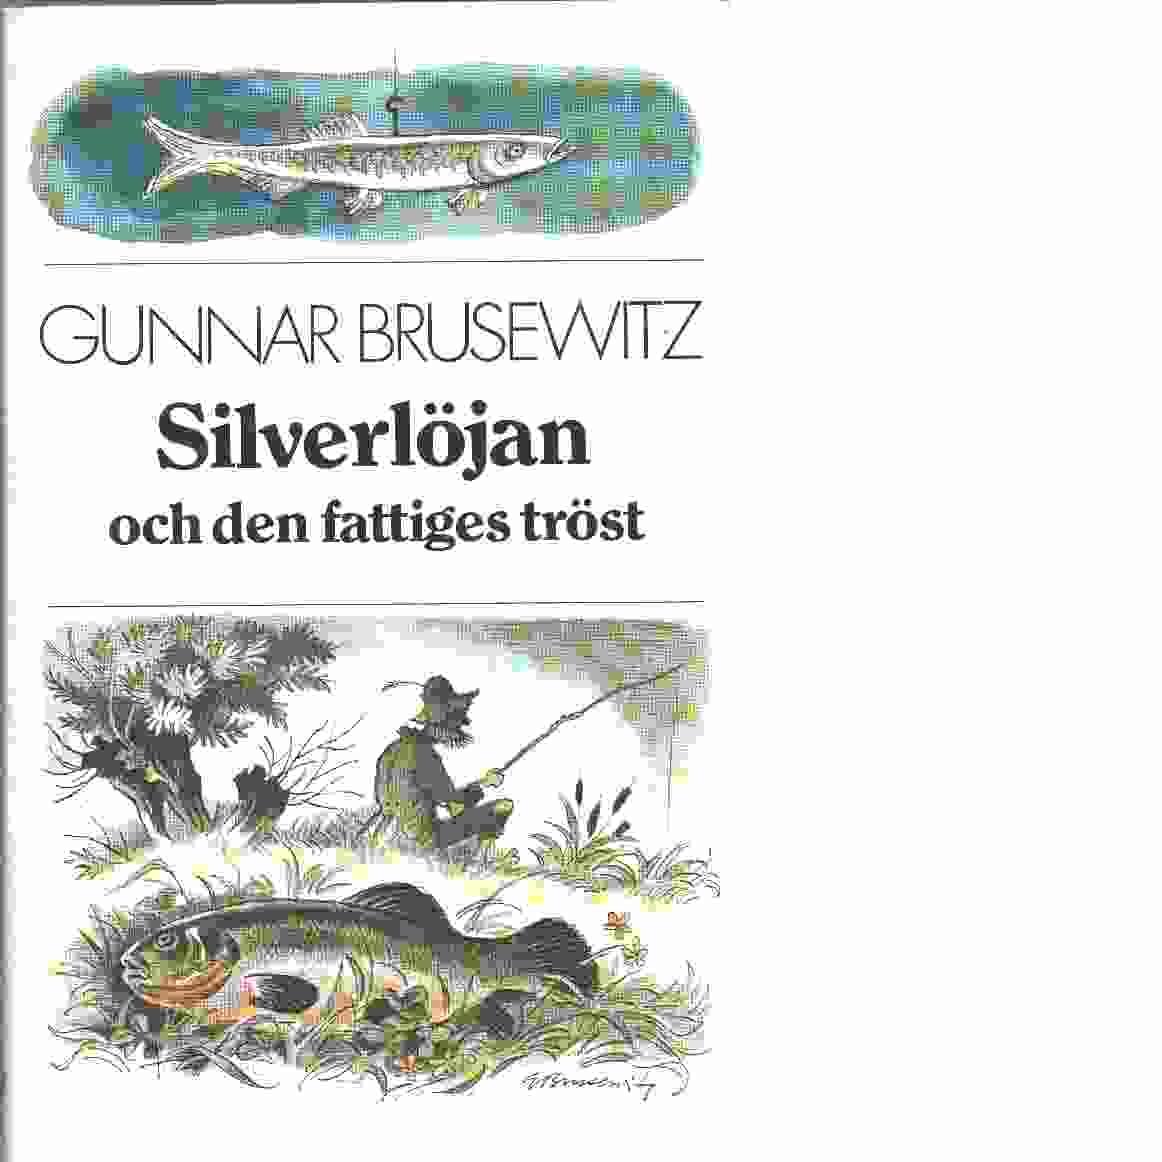 Silverlöjan och den fattiges tröst - Brusewitz, Gunnar